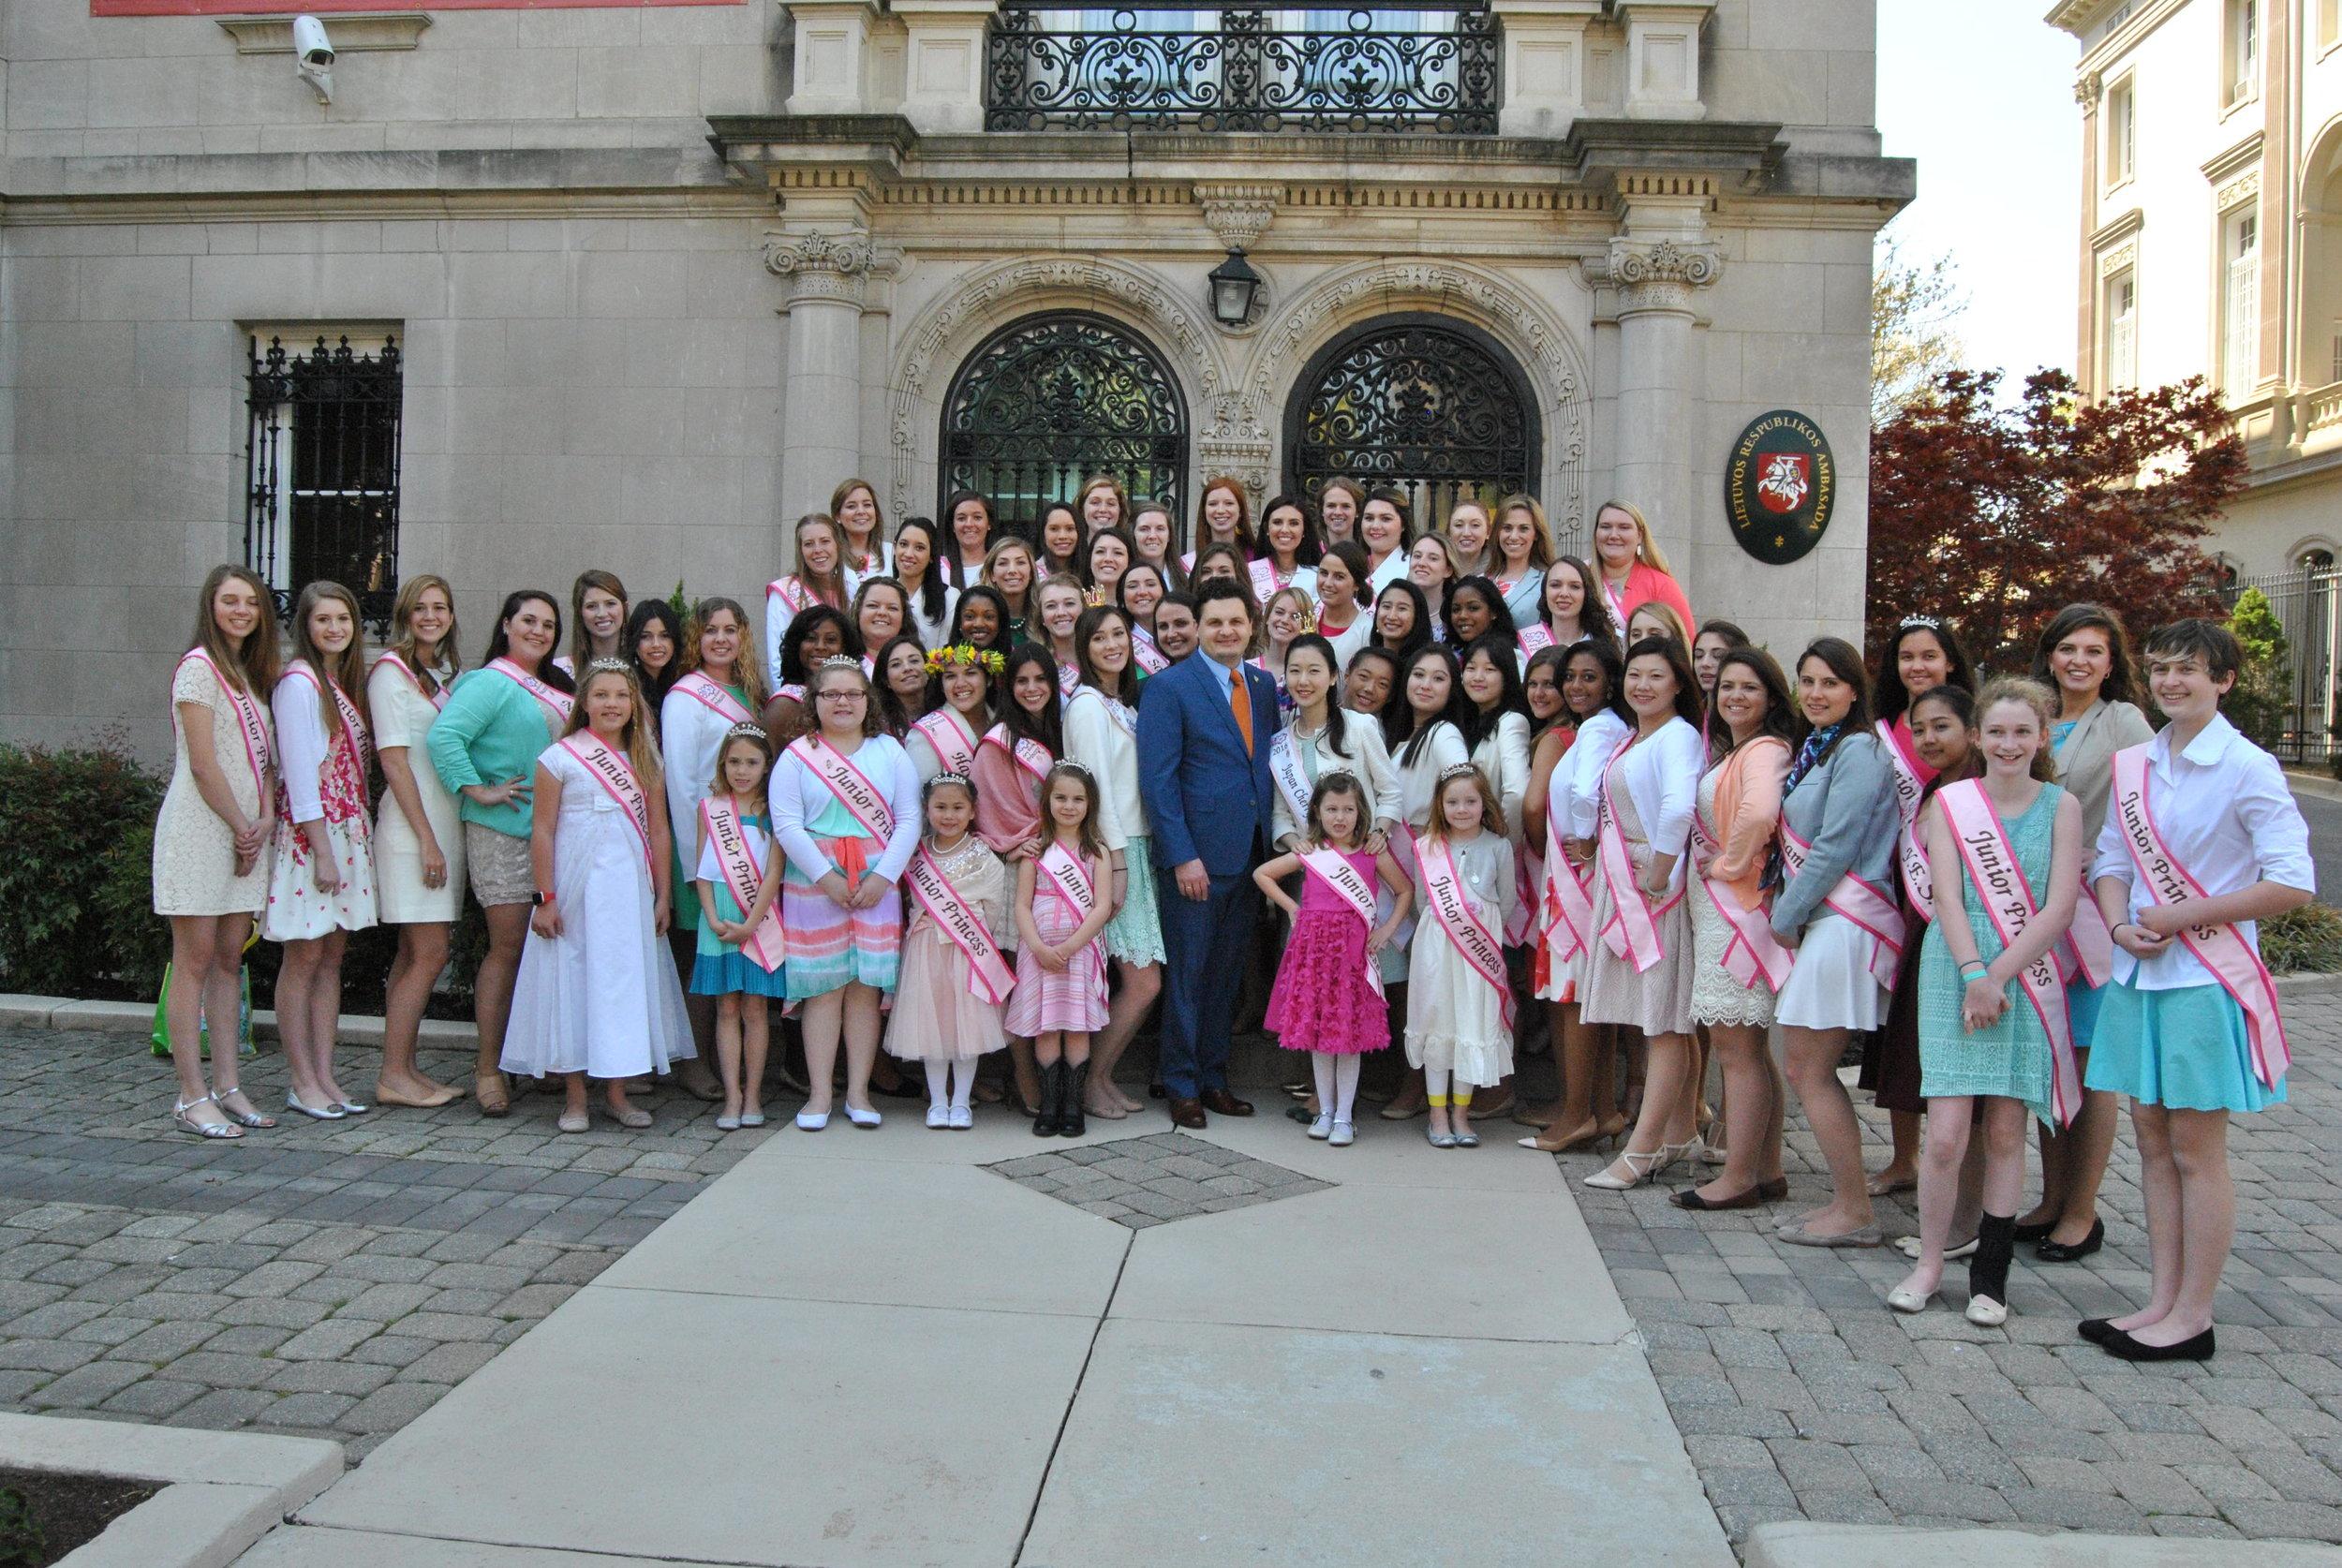 2016 Junior Cherry Blossom Princesses and Cherry Blossom Princesses at the Lithuanian Embassy